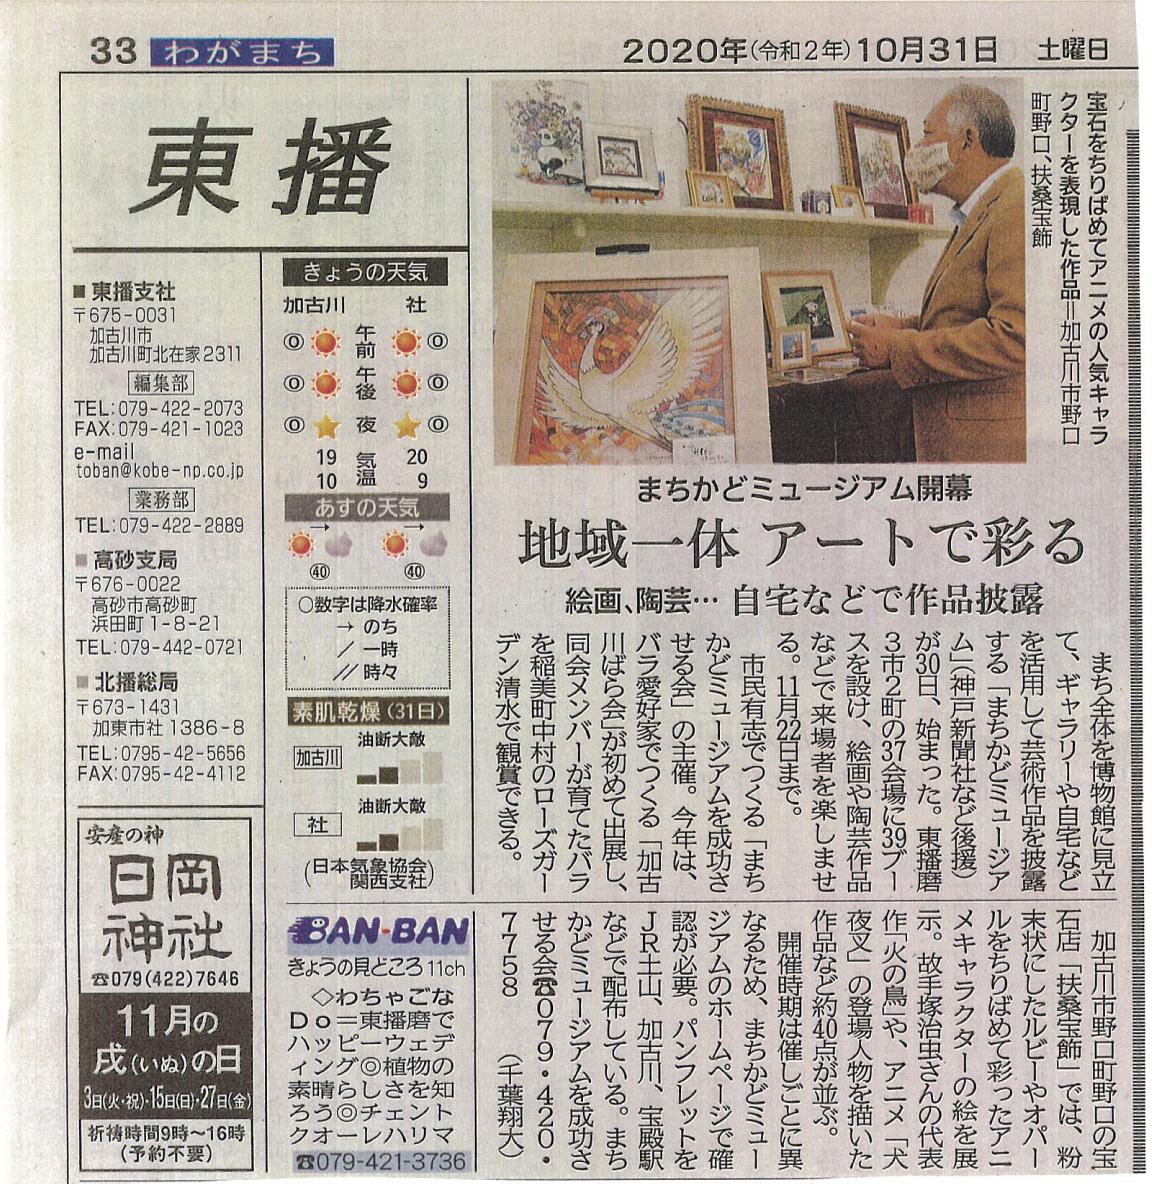 神戸新聞様に扶桑宝石店様開催のジュエリー絵画展の記事を取り上げていただきました。